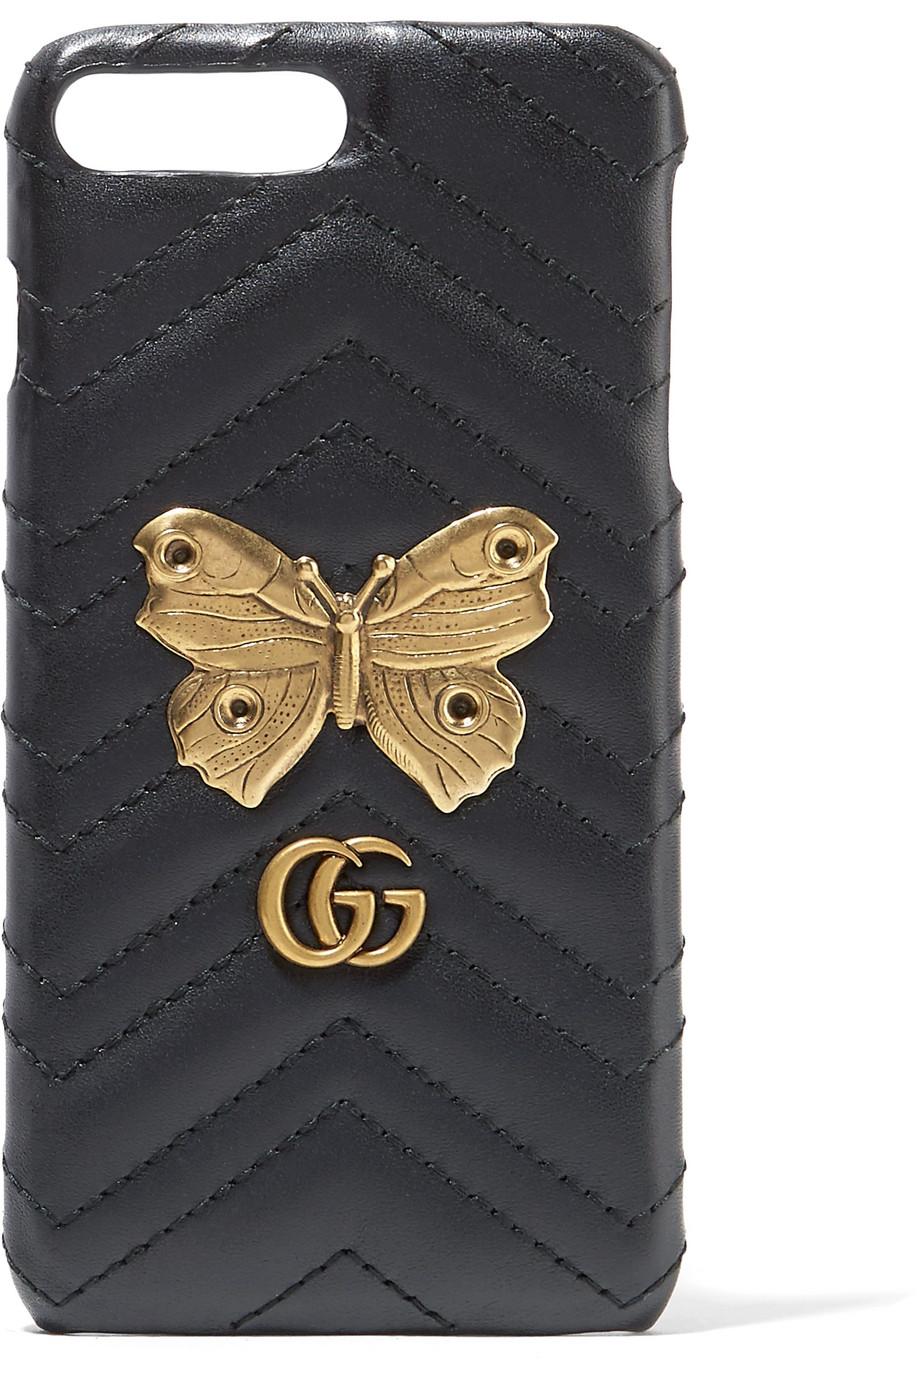 c2b4ba323a5 Gucci Gg Marmont Moth Stud Iphone 7 Case Farfetch